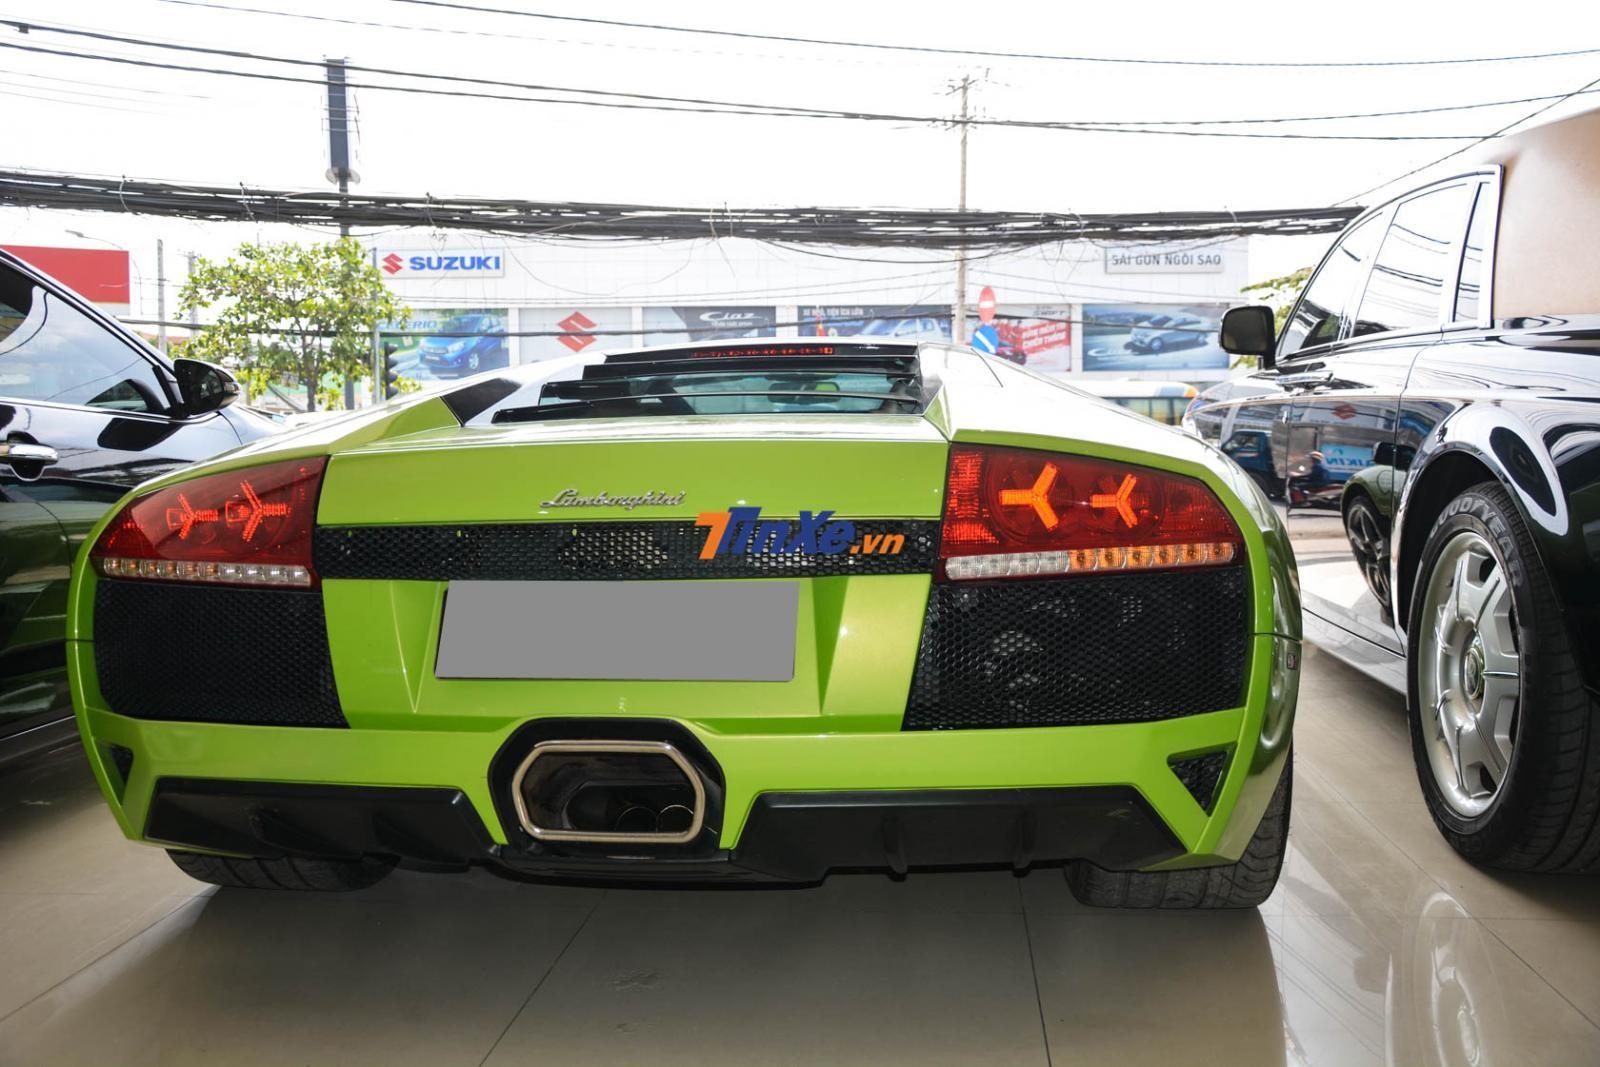 Màu sơn của chiếc siêu xe Lamborghini Murcielago LP640 này có tên gọi Verde Ithaca